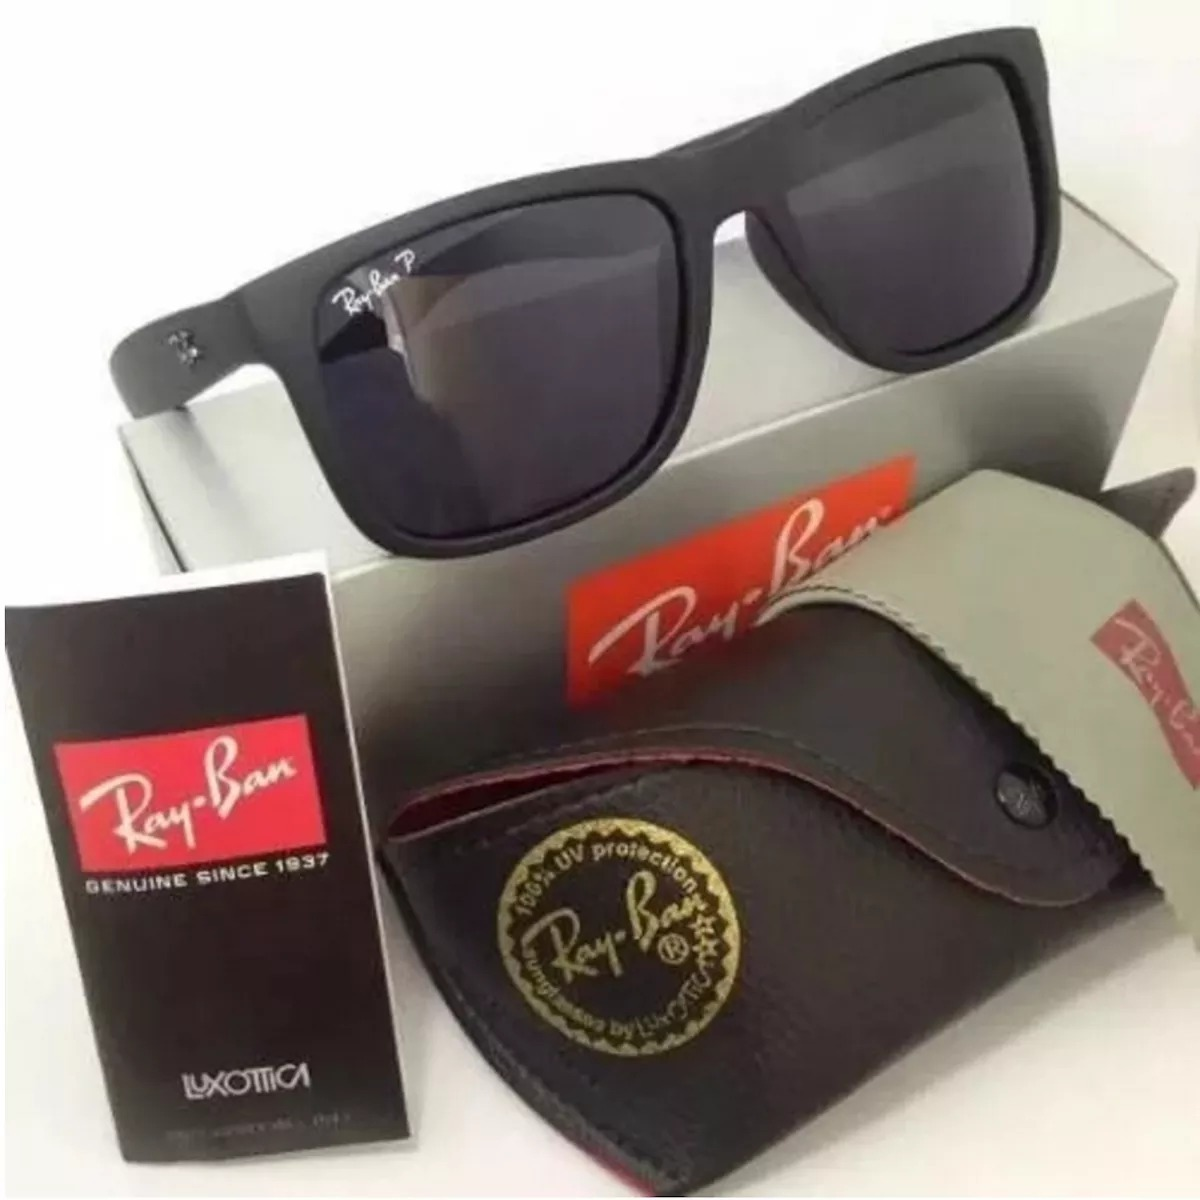 83eefed6db71c Óculos Ray Ban Rb 4165 Justin Preto Polarizado + Brinde - R  197,99 ...